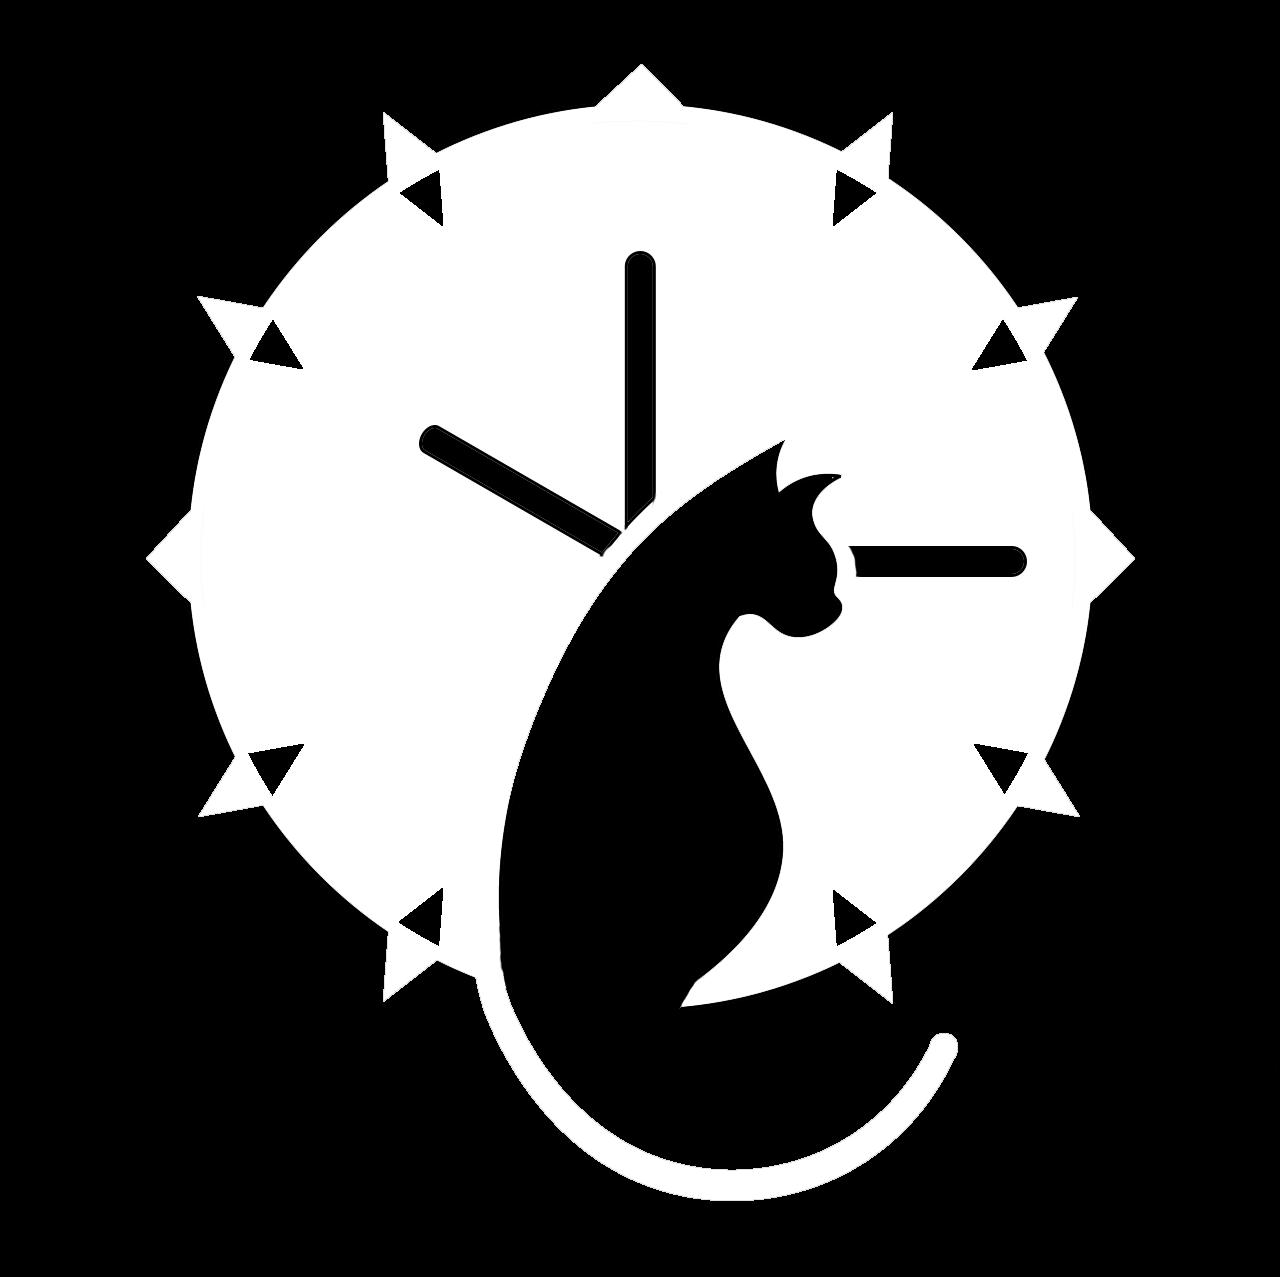 【软件分享】时光猫v0.6   进来看看